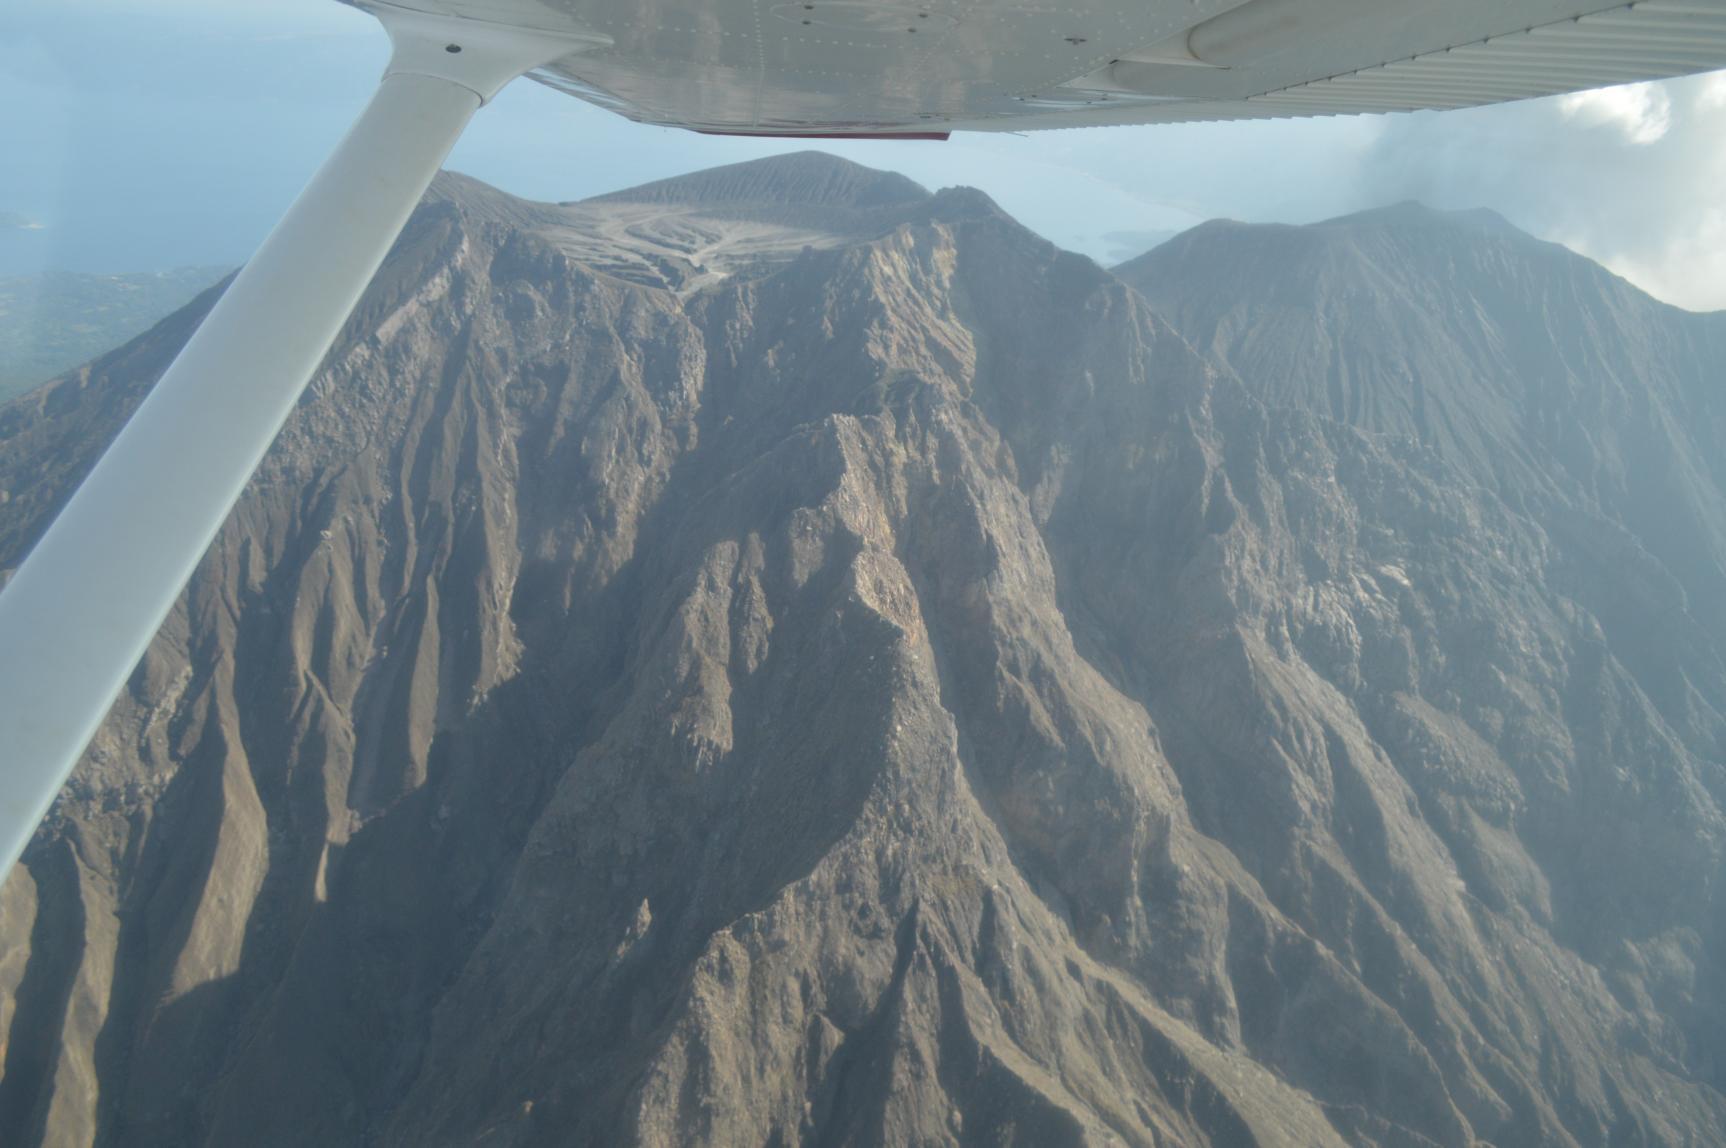 出发吧!飞向鹿儿岛的天空!请欣赏壮阔的景色-4